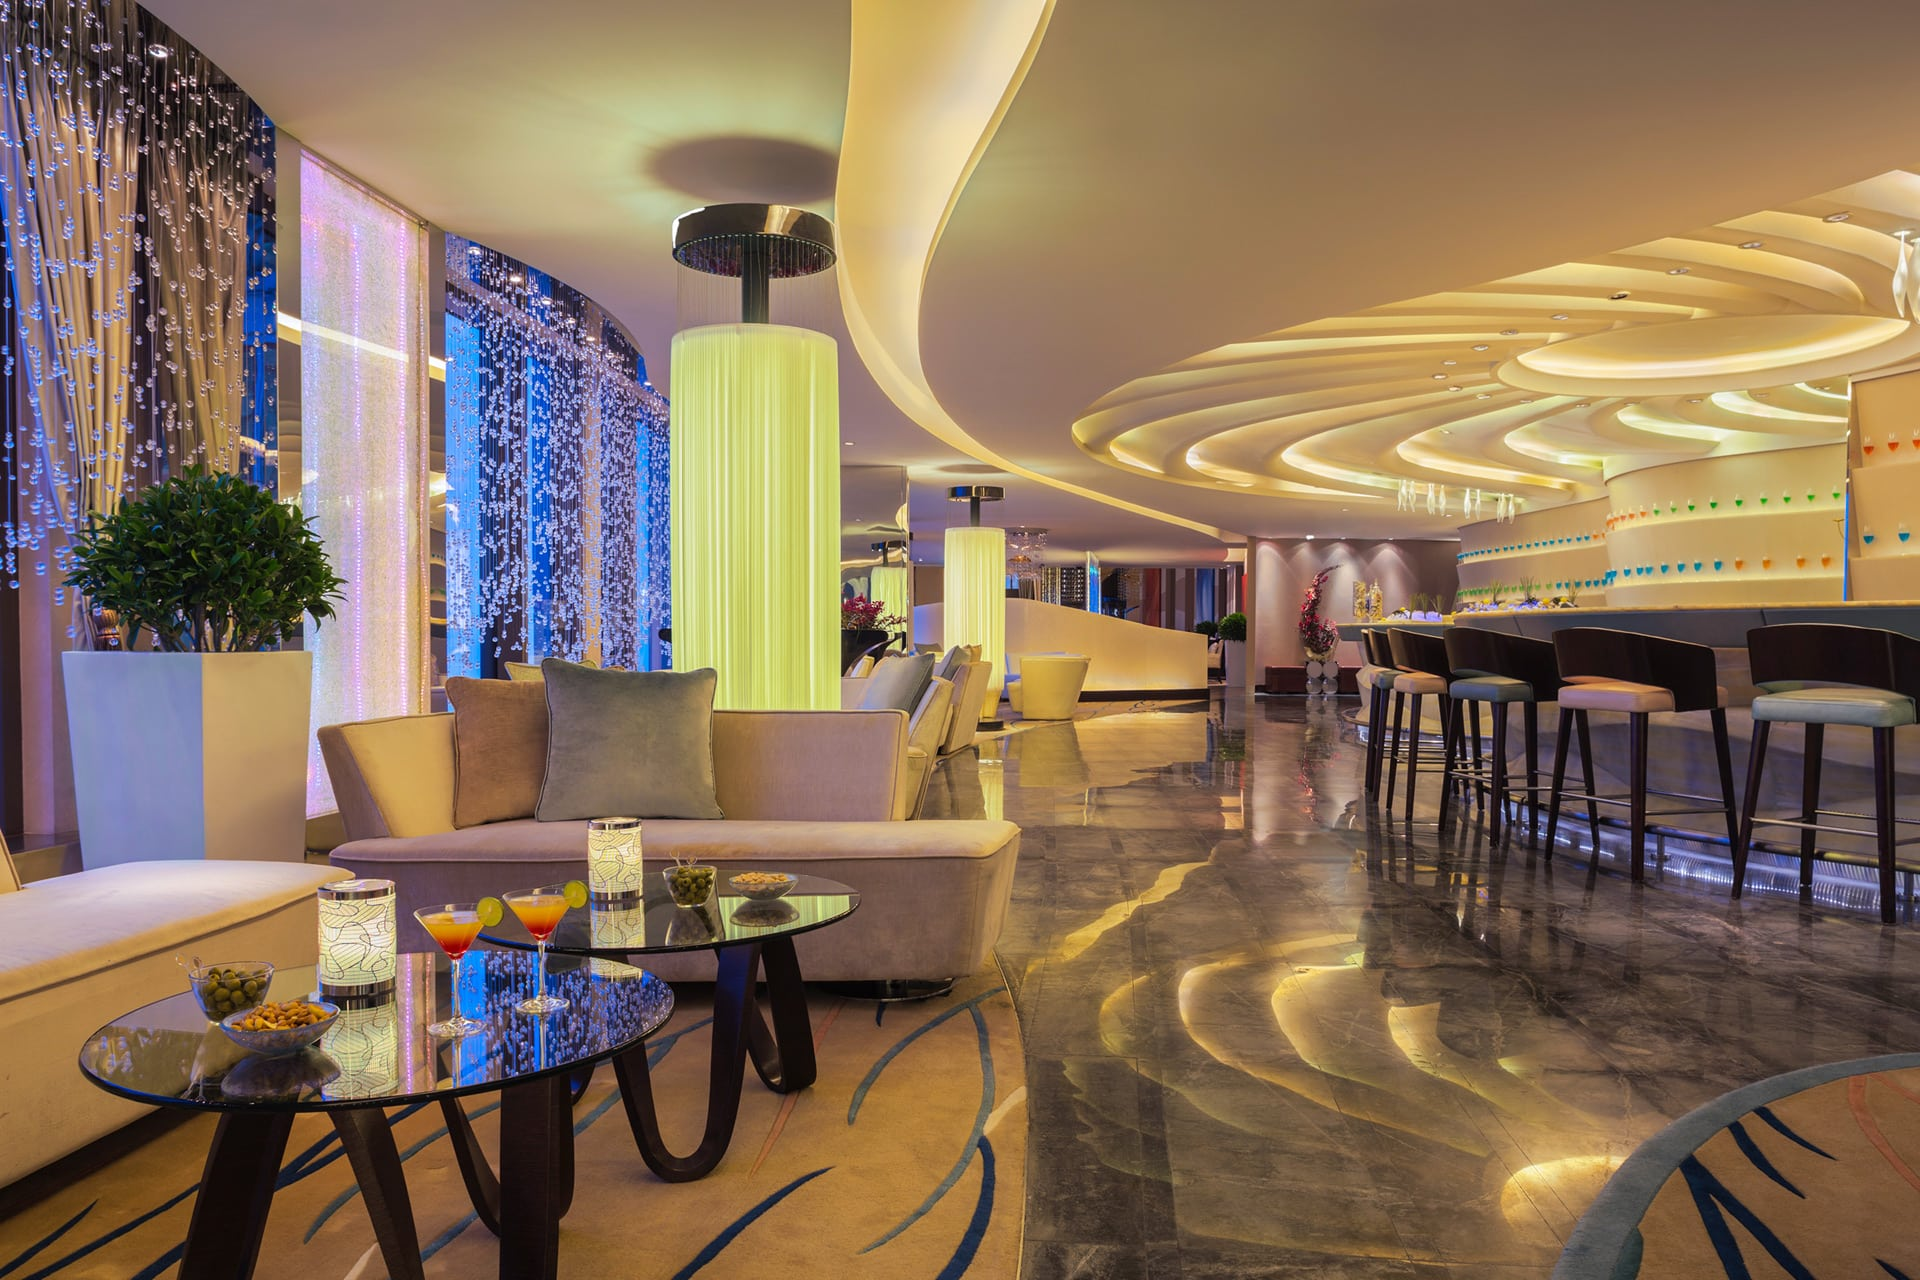 FelixHug_Hotels-&-Resorts_35